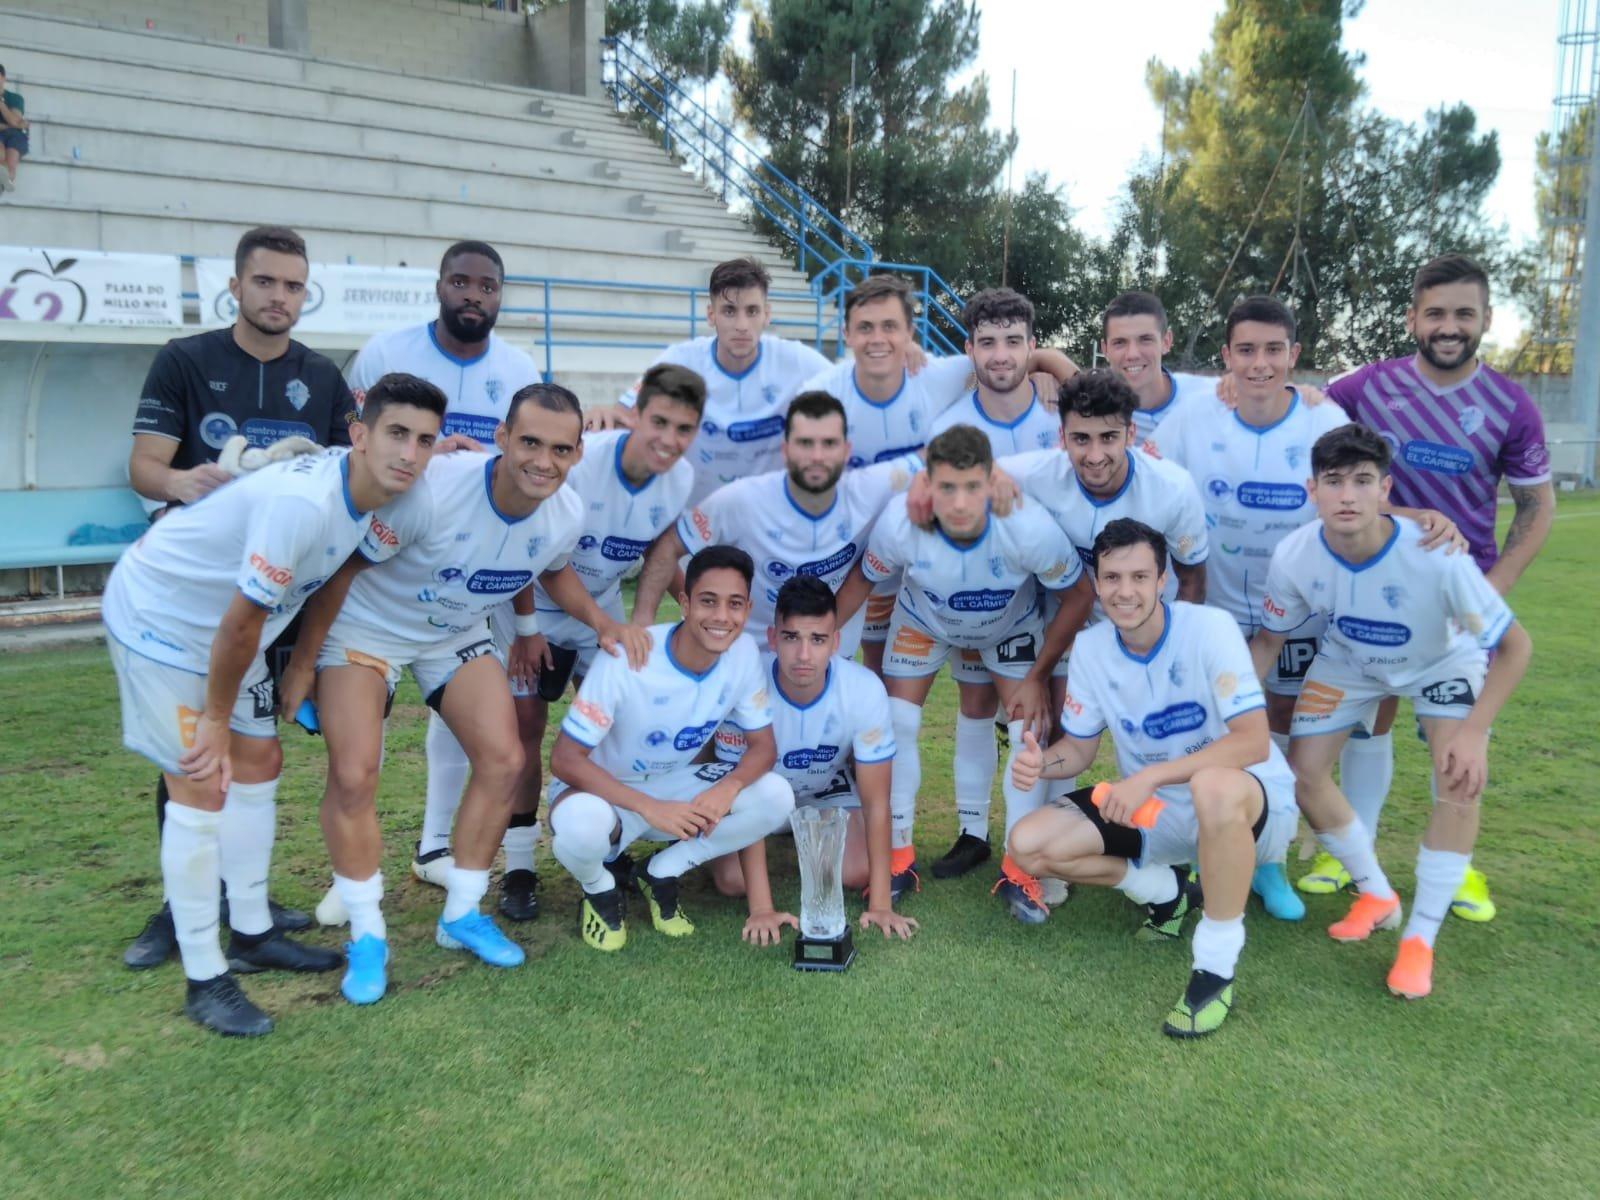 campeones Torneo celanova